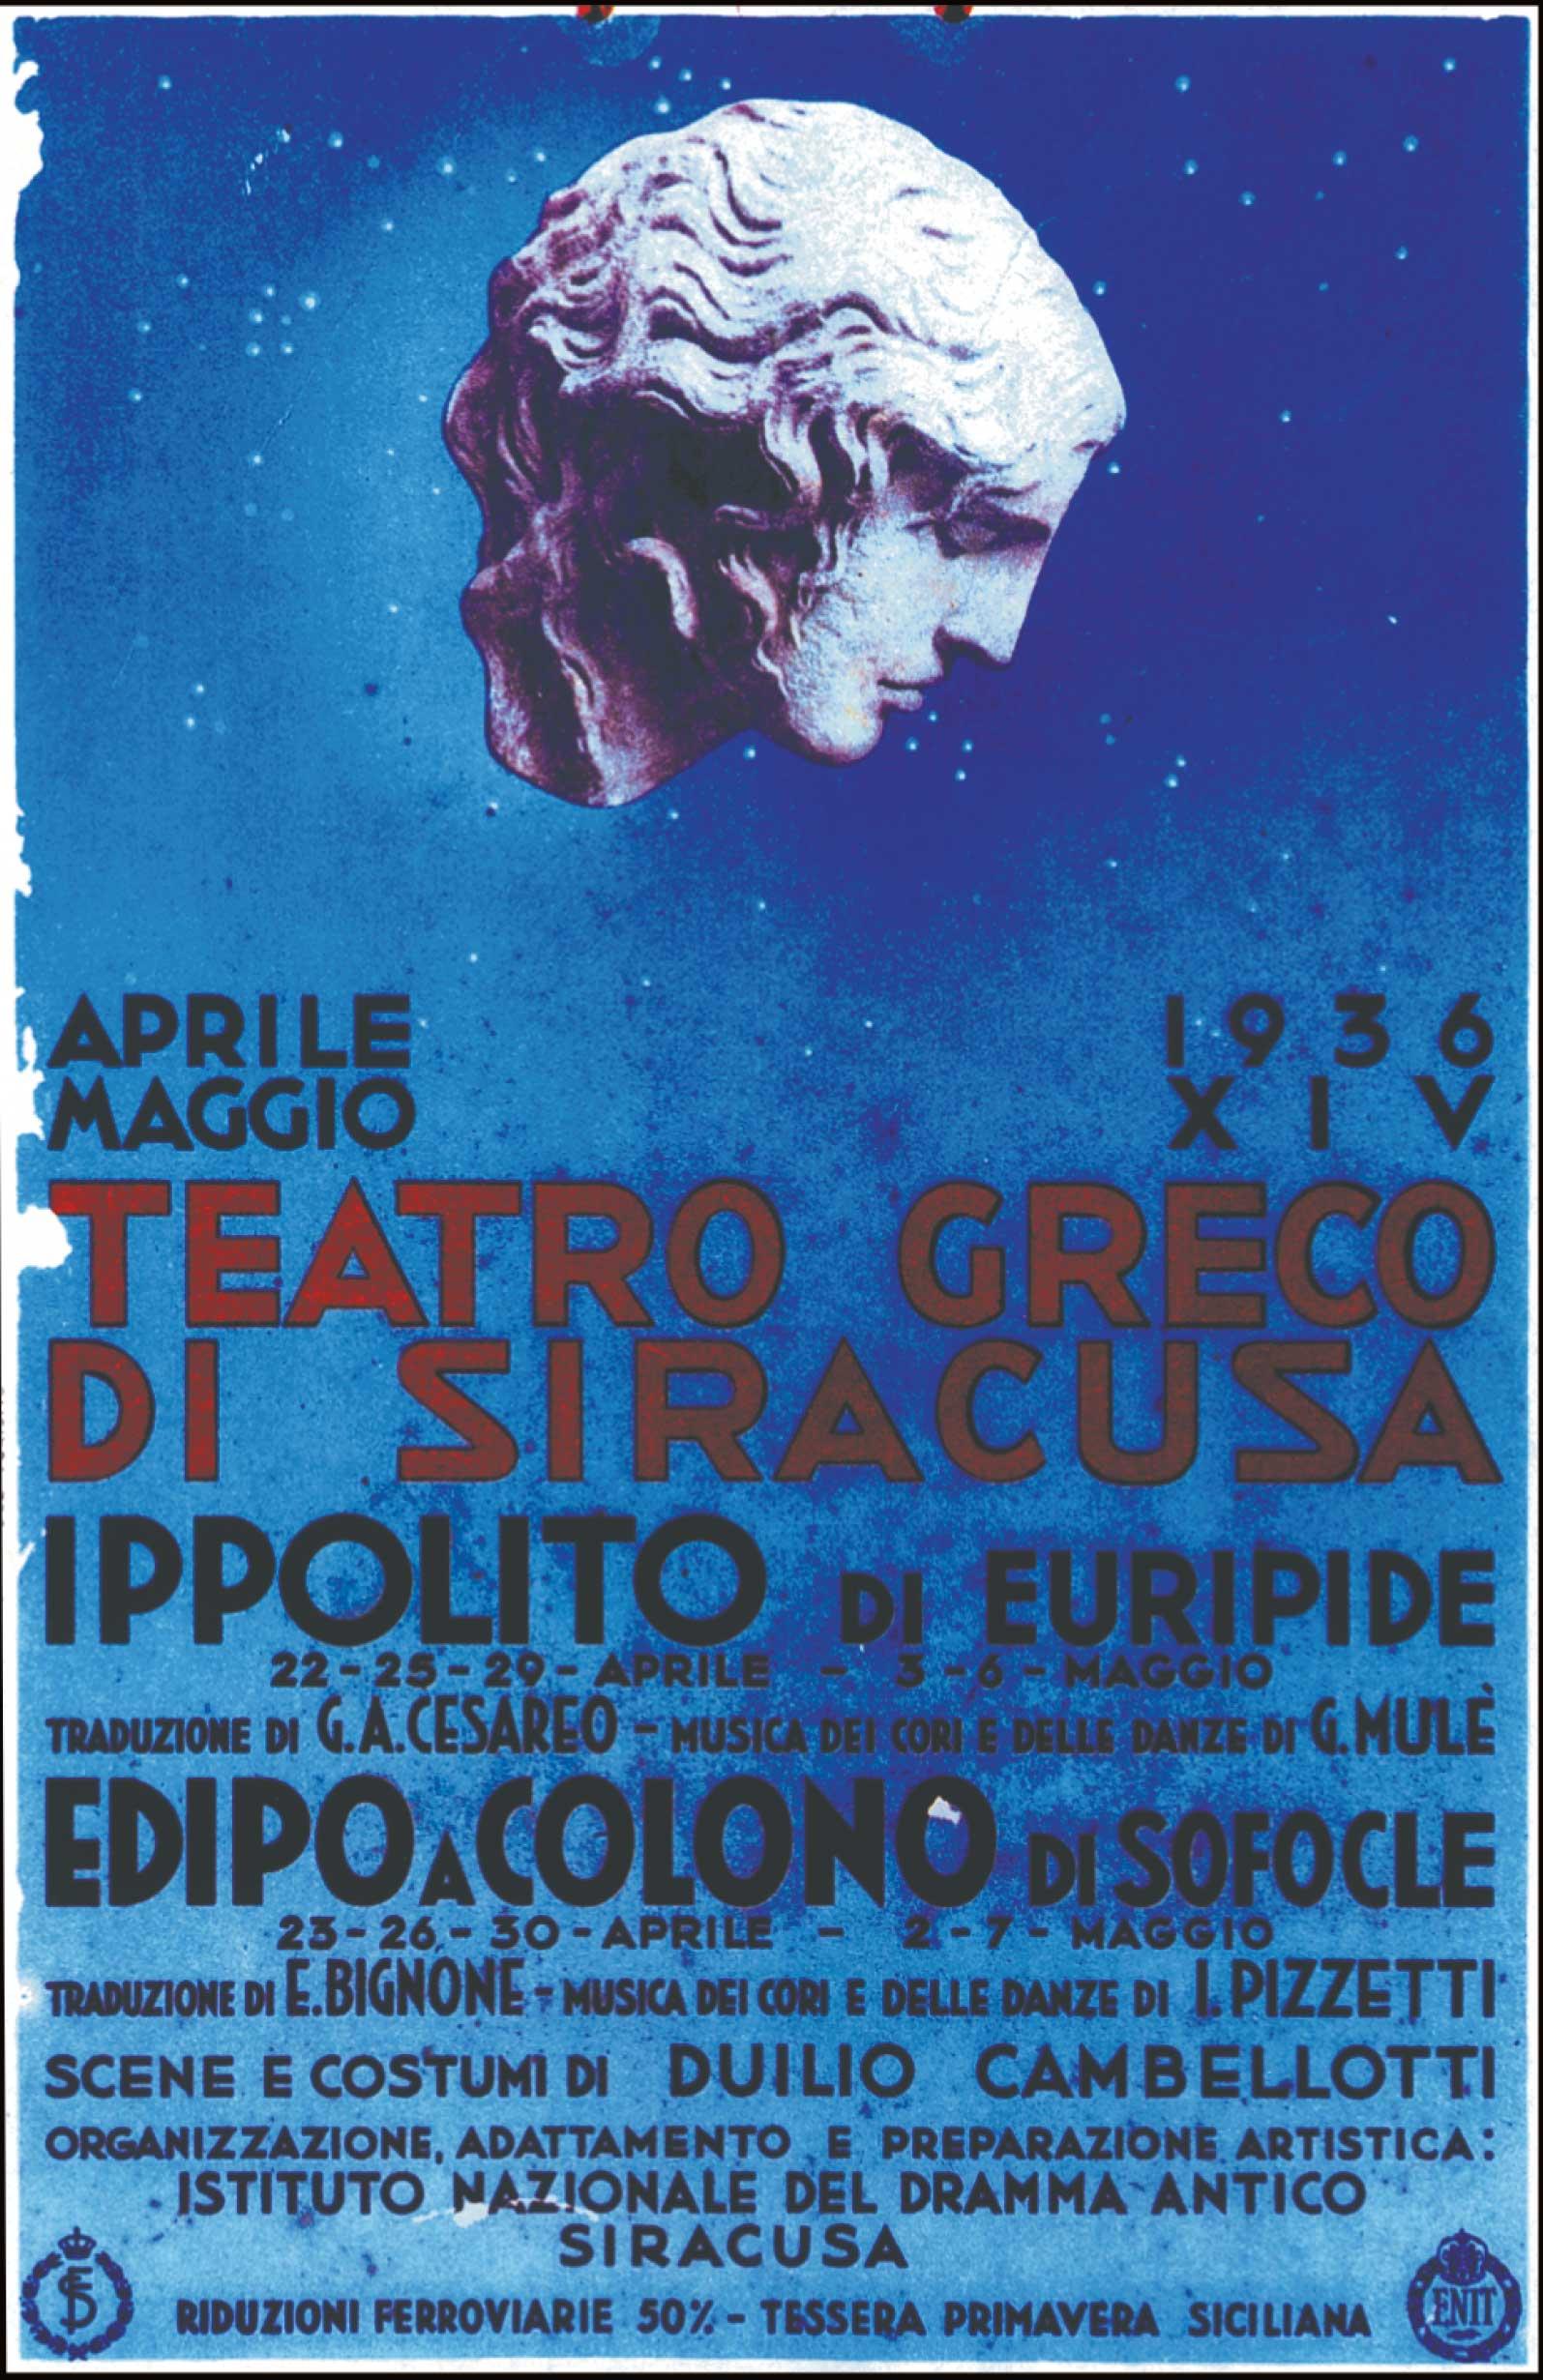 Ippolito di Euripide